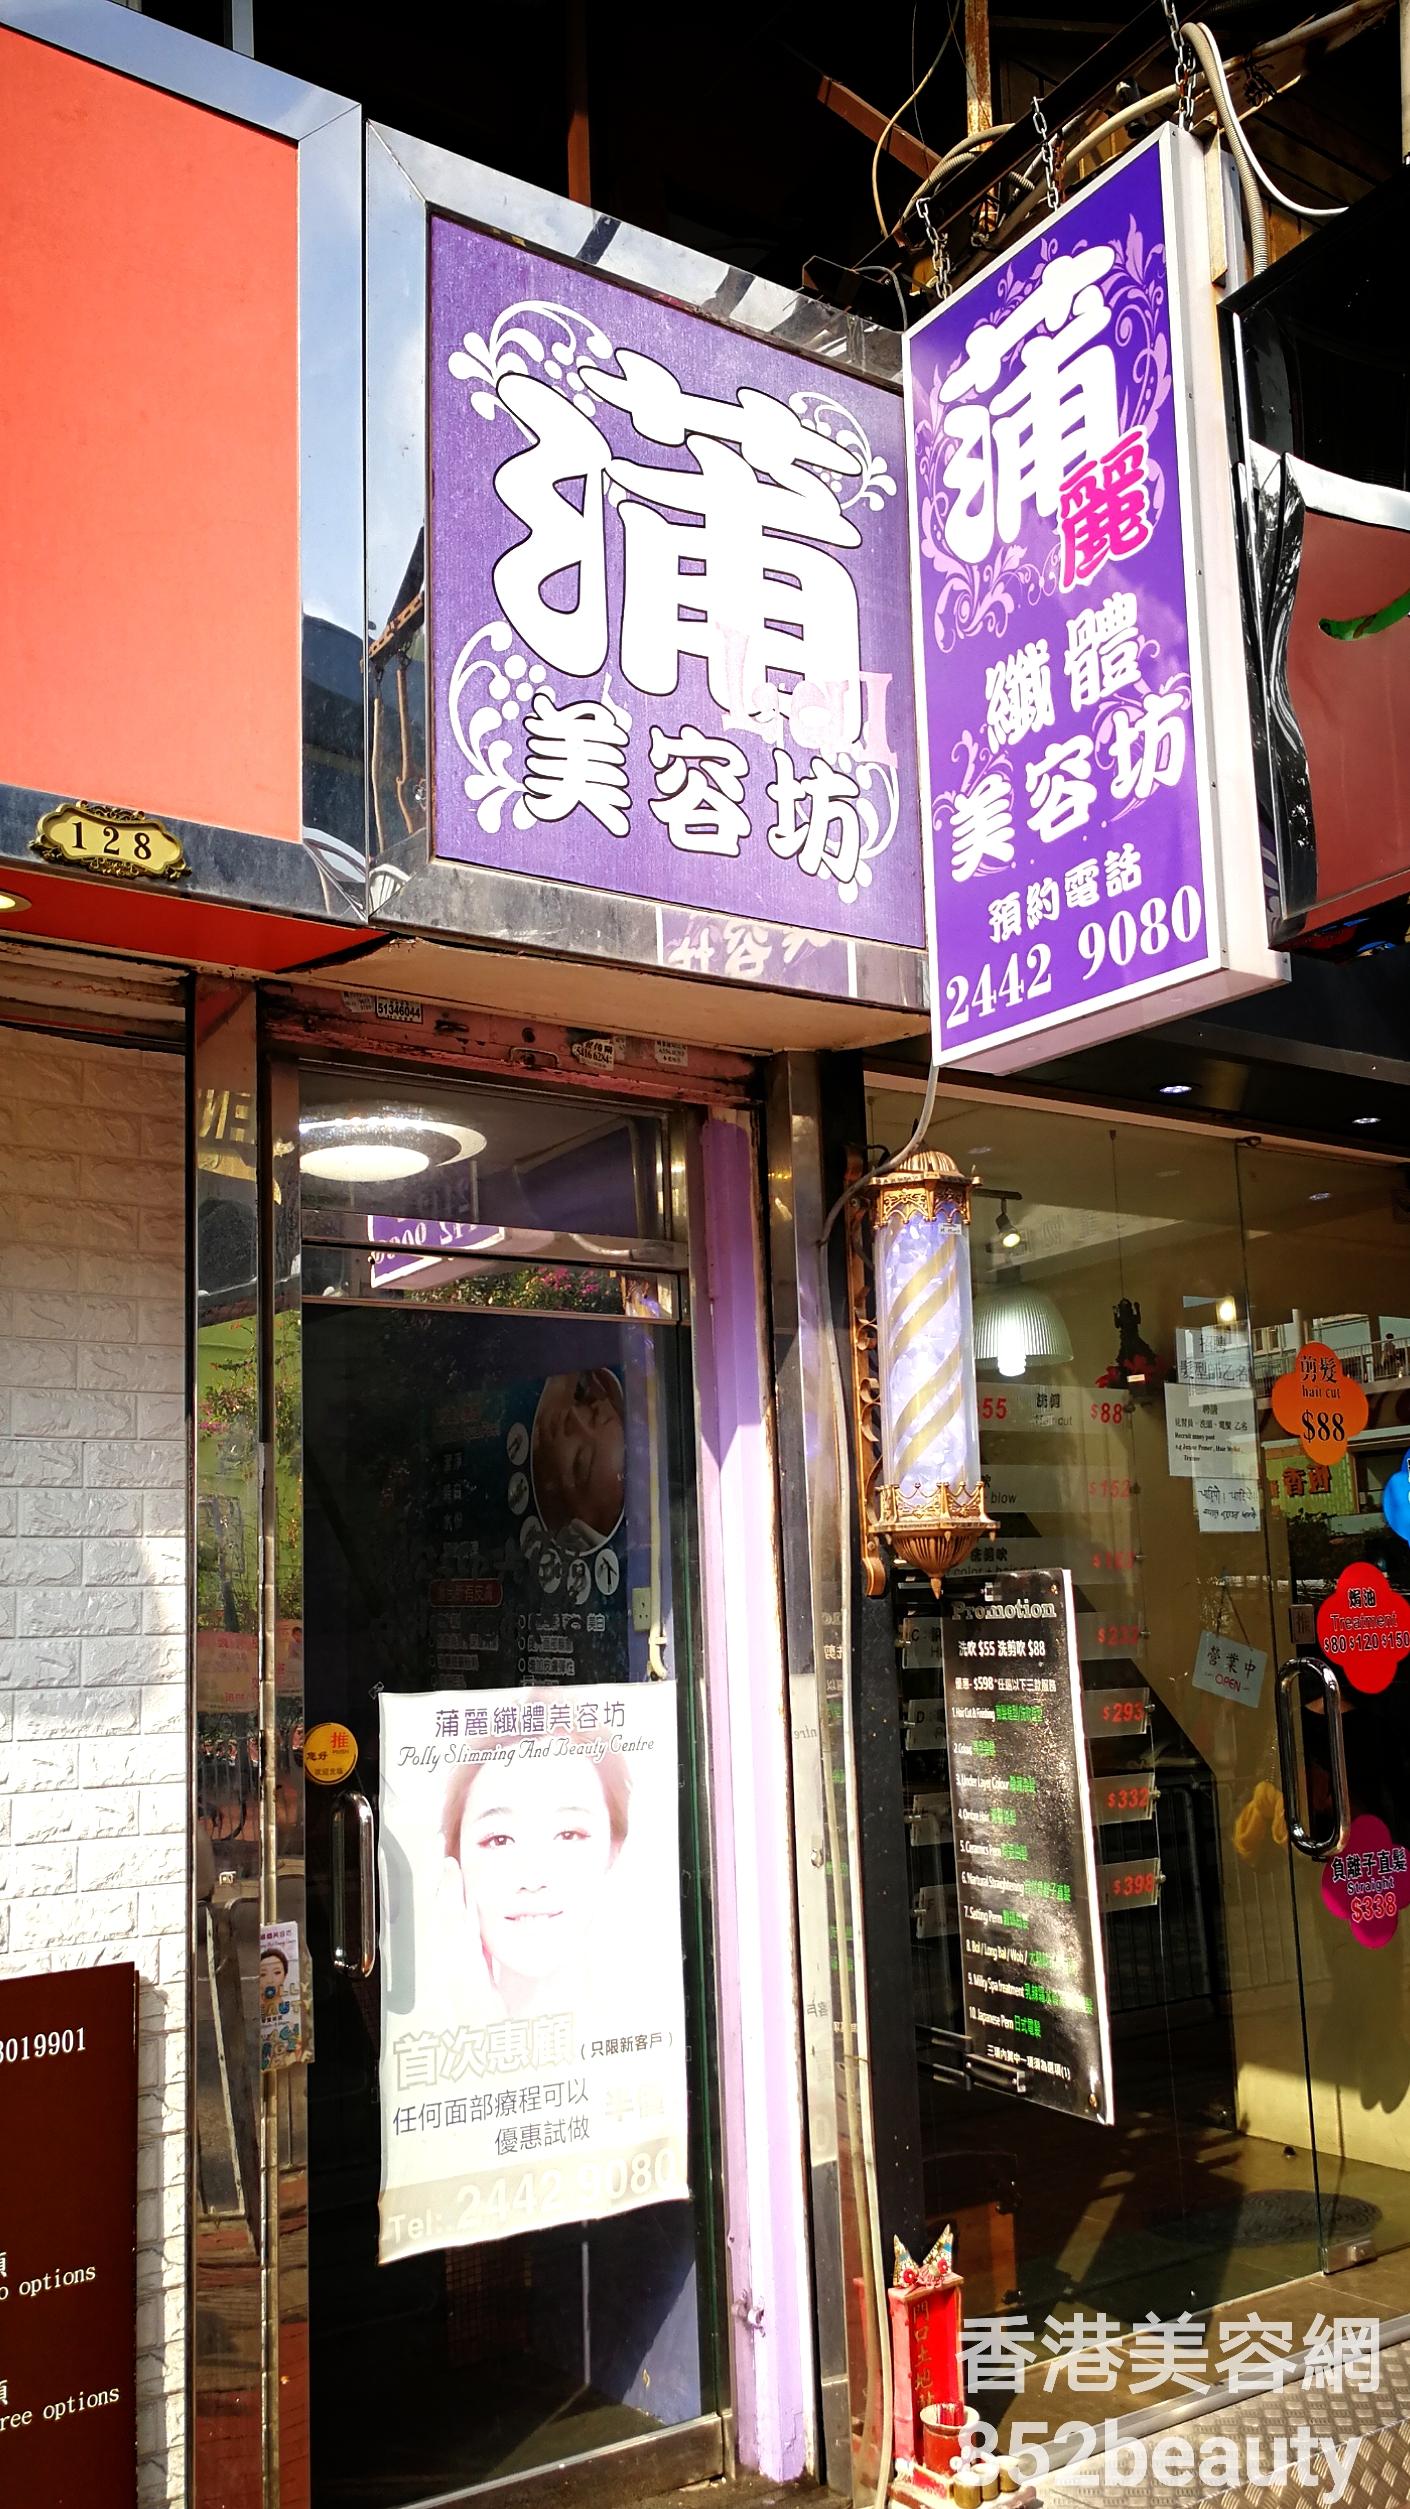 香港美容院 美容師 : 蒲麗纖體美容坊 @青年創業軍